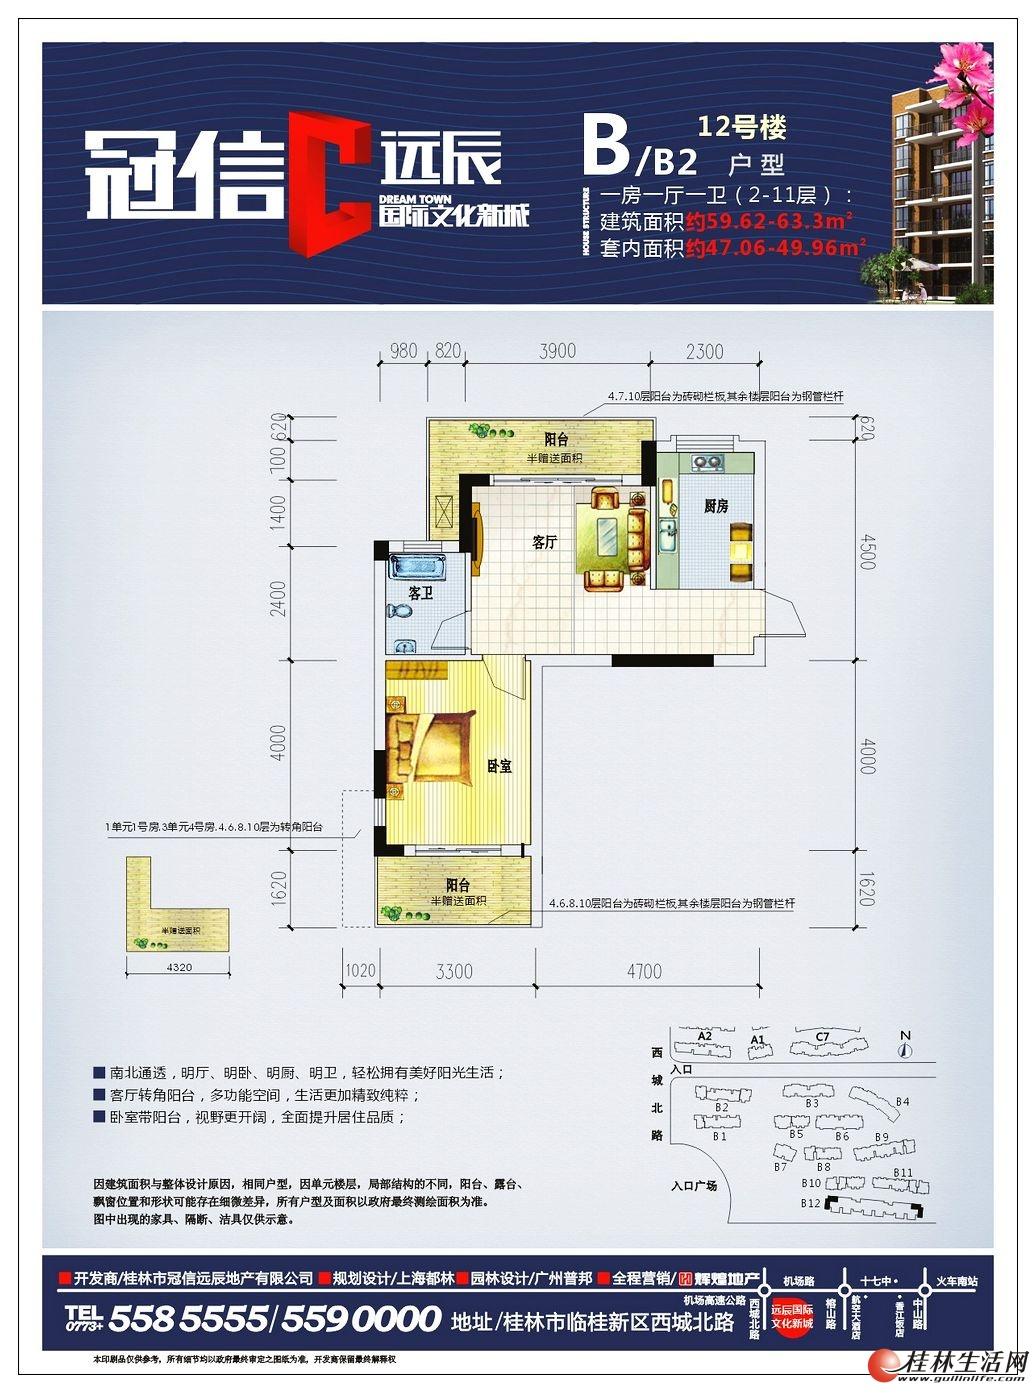 12号楼B/B2户型  一房一厅一卫 59.62~63.3㎡